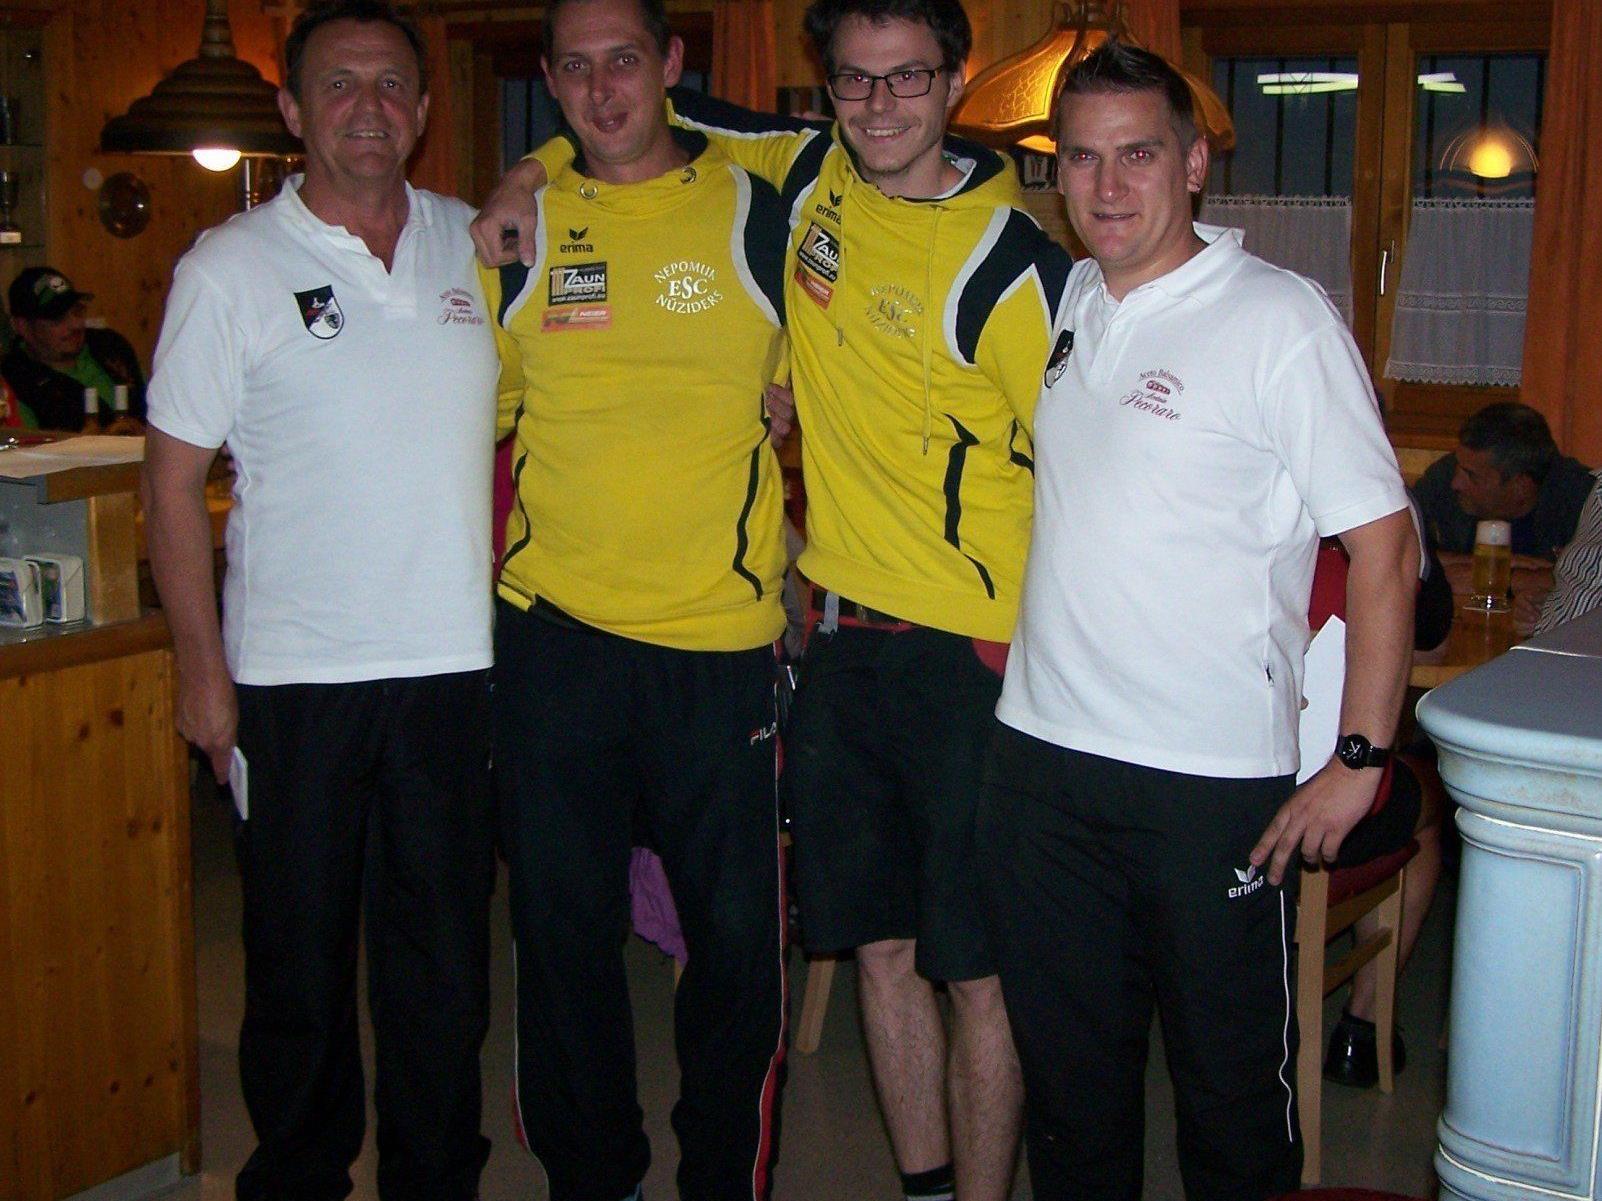 (V.l.n.r.) Josef Gruber, Ruppert Riezler, Martin Paxer, Vinzenz Zech.